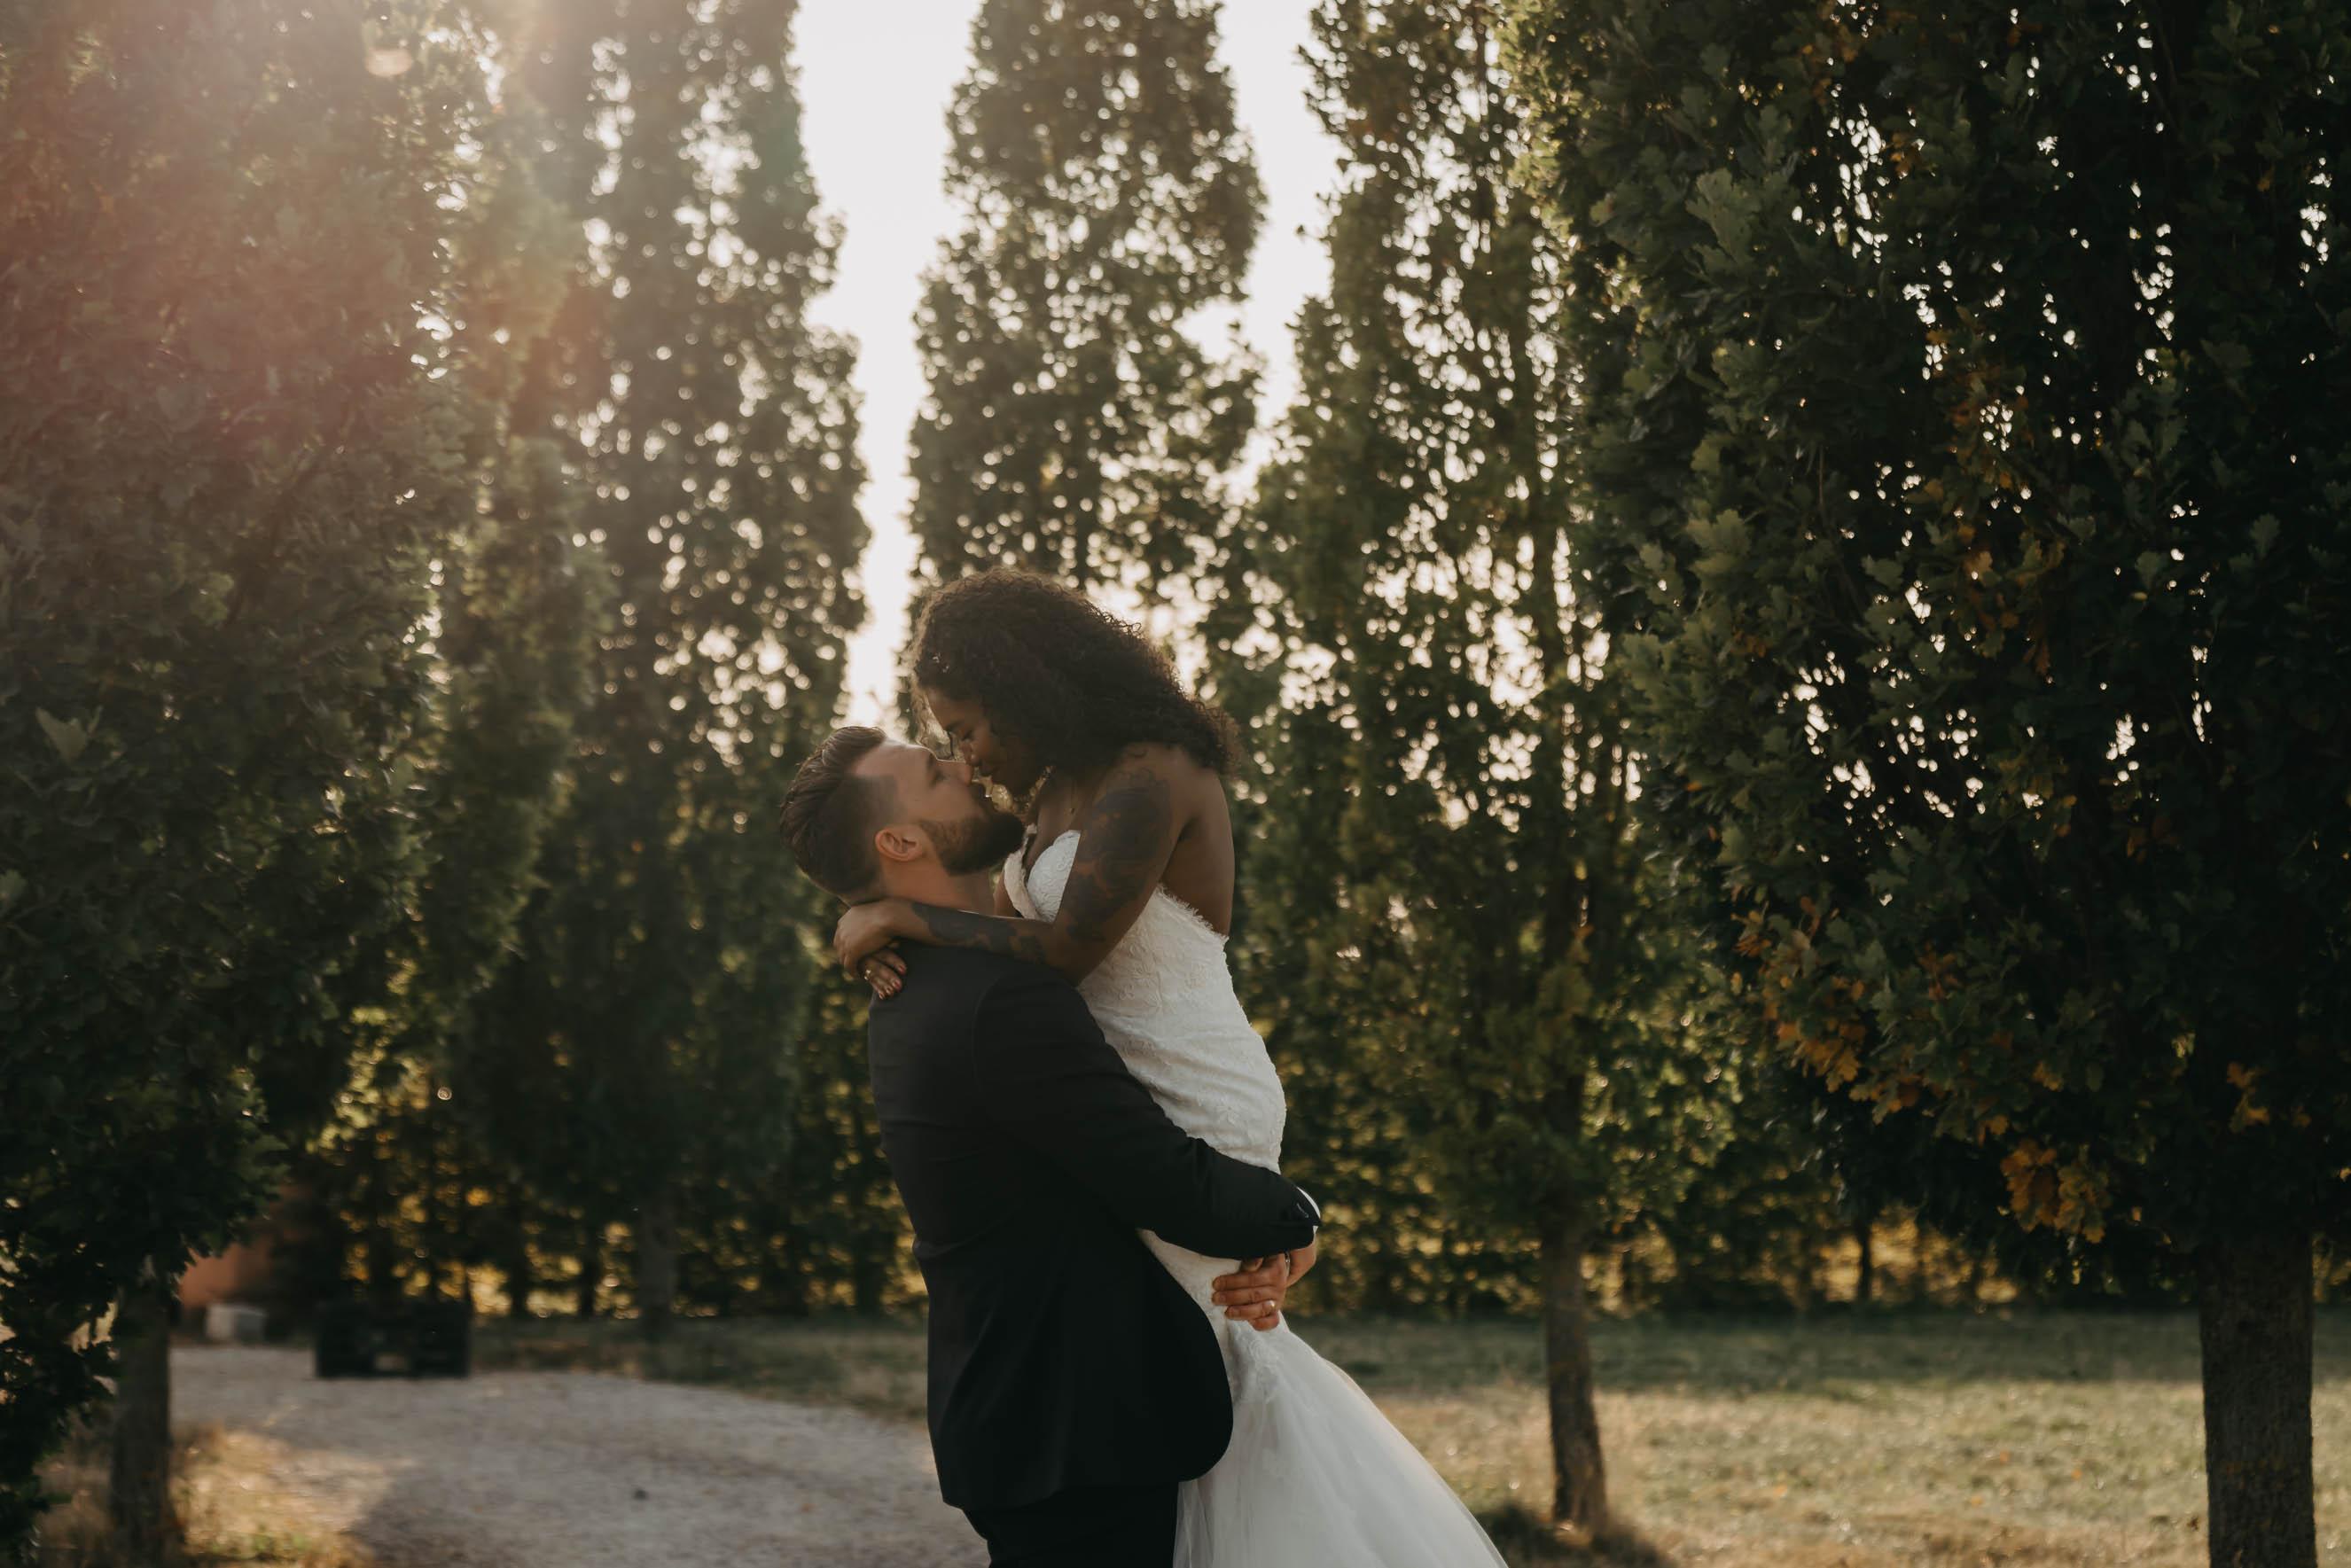 Der Bräutigam hebt seine Braut in der tief stehenden Sonne hoch.